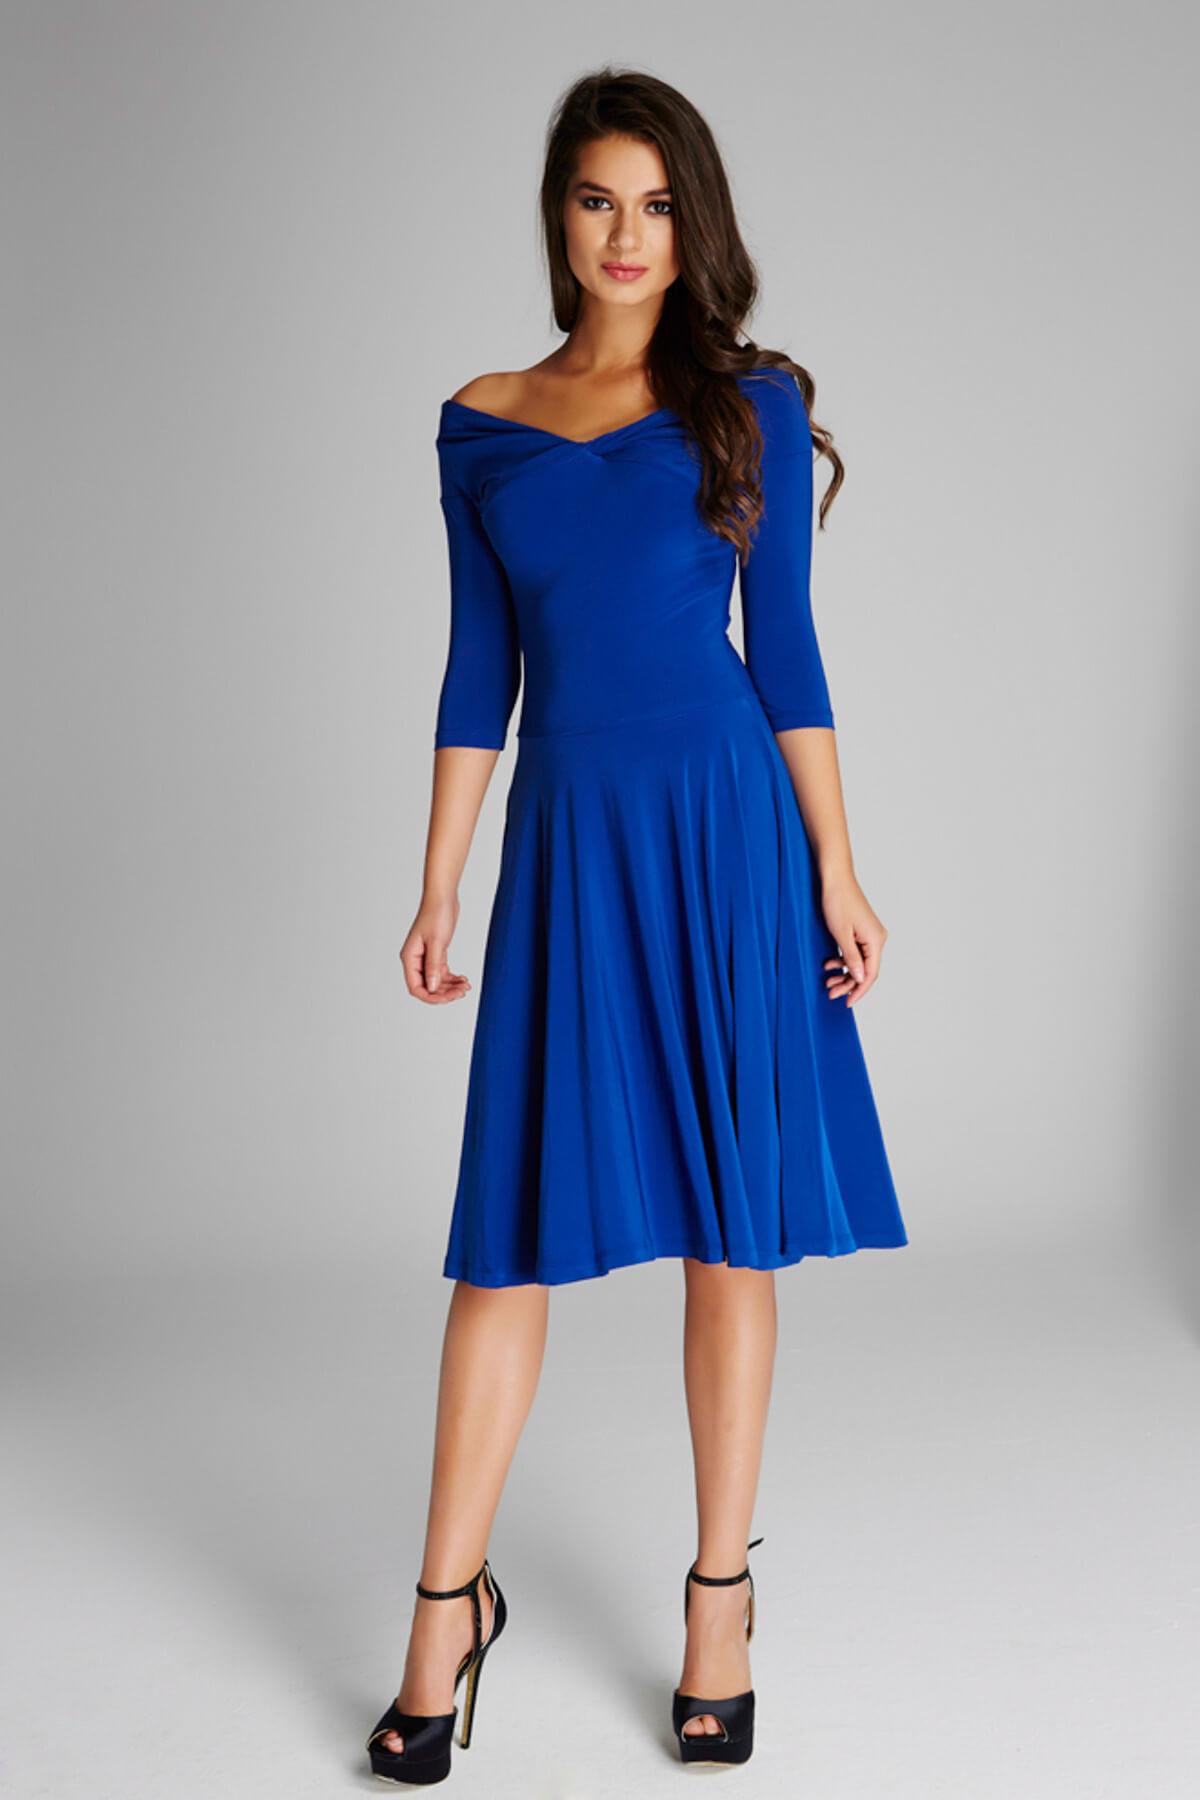 Laranor Kadın Saks Omuz Dekolteli Elbise 13K020-L 1